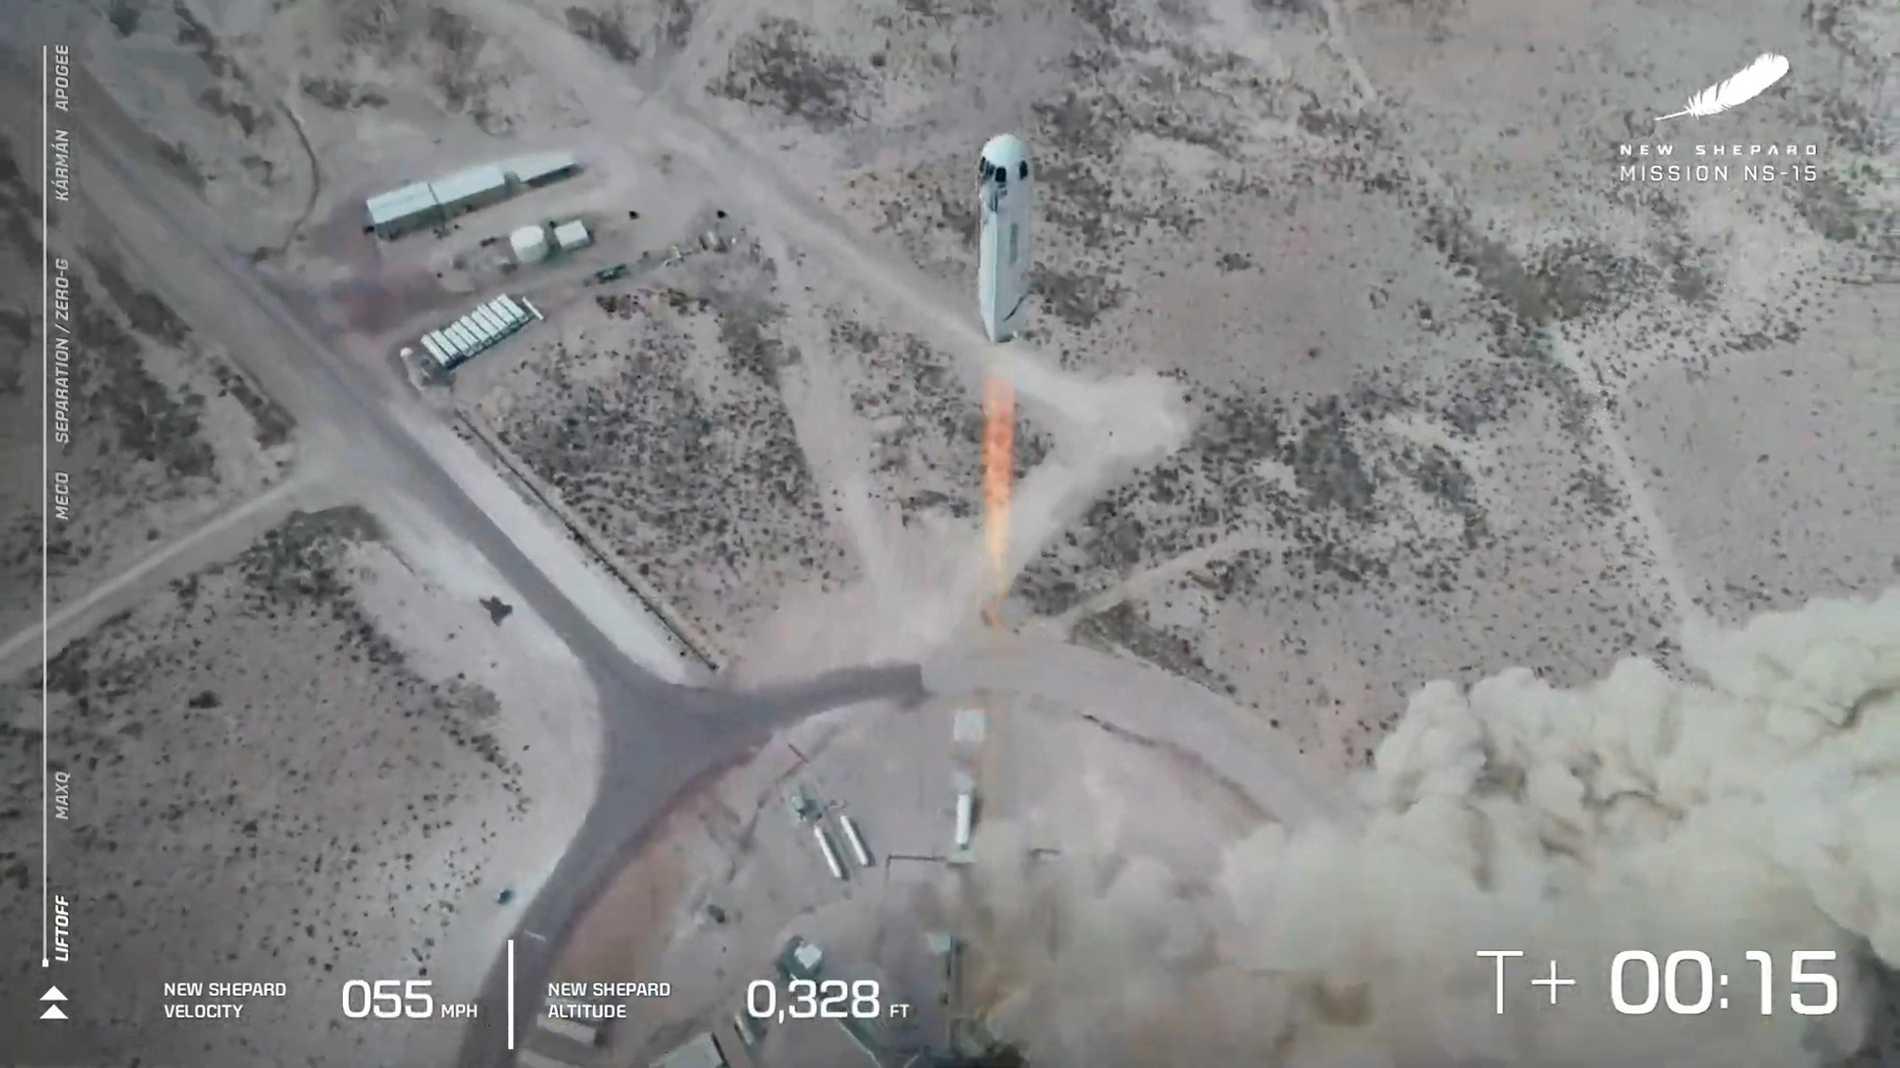 """Rymdraketen """"New Shepard"""" lyfter i ett test i Texas, 14 april i år."""